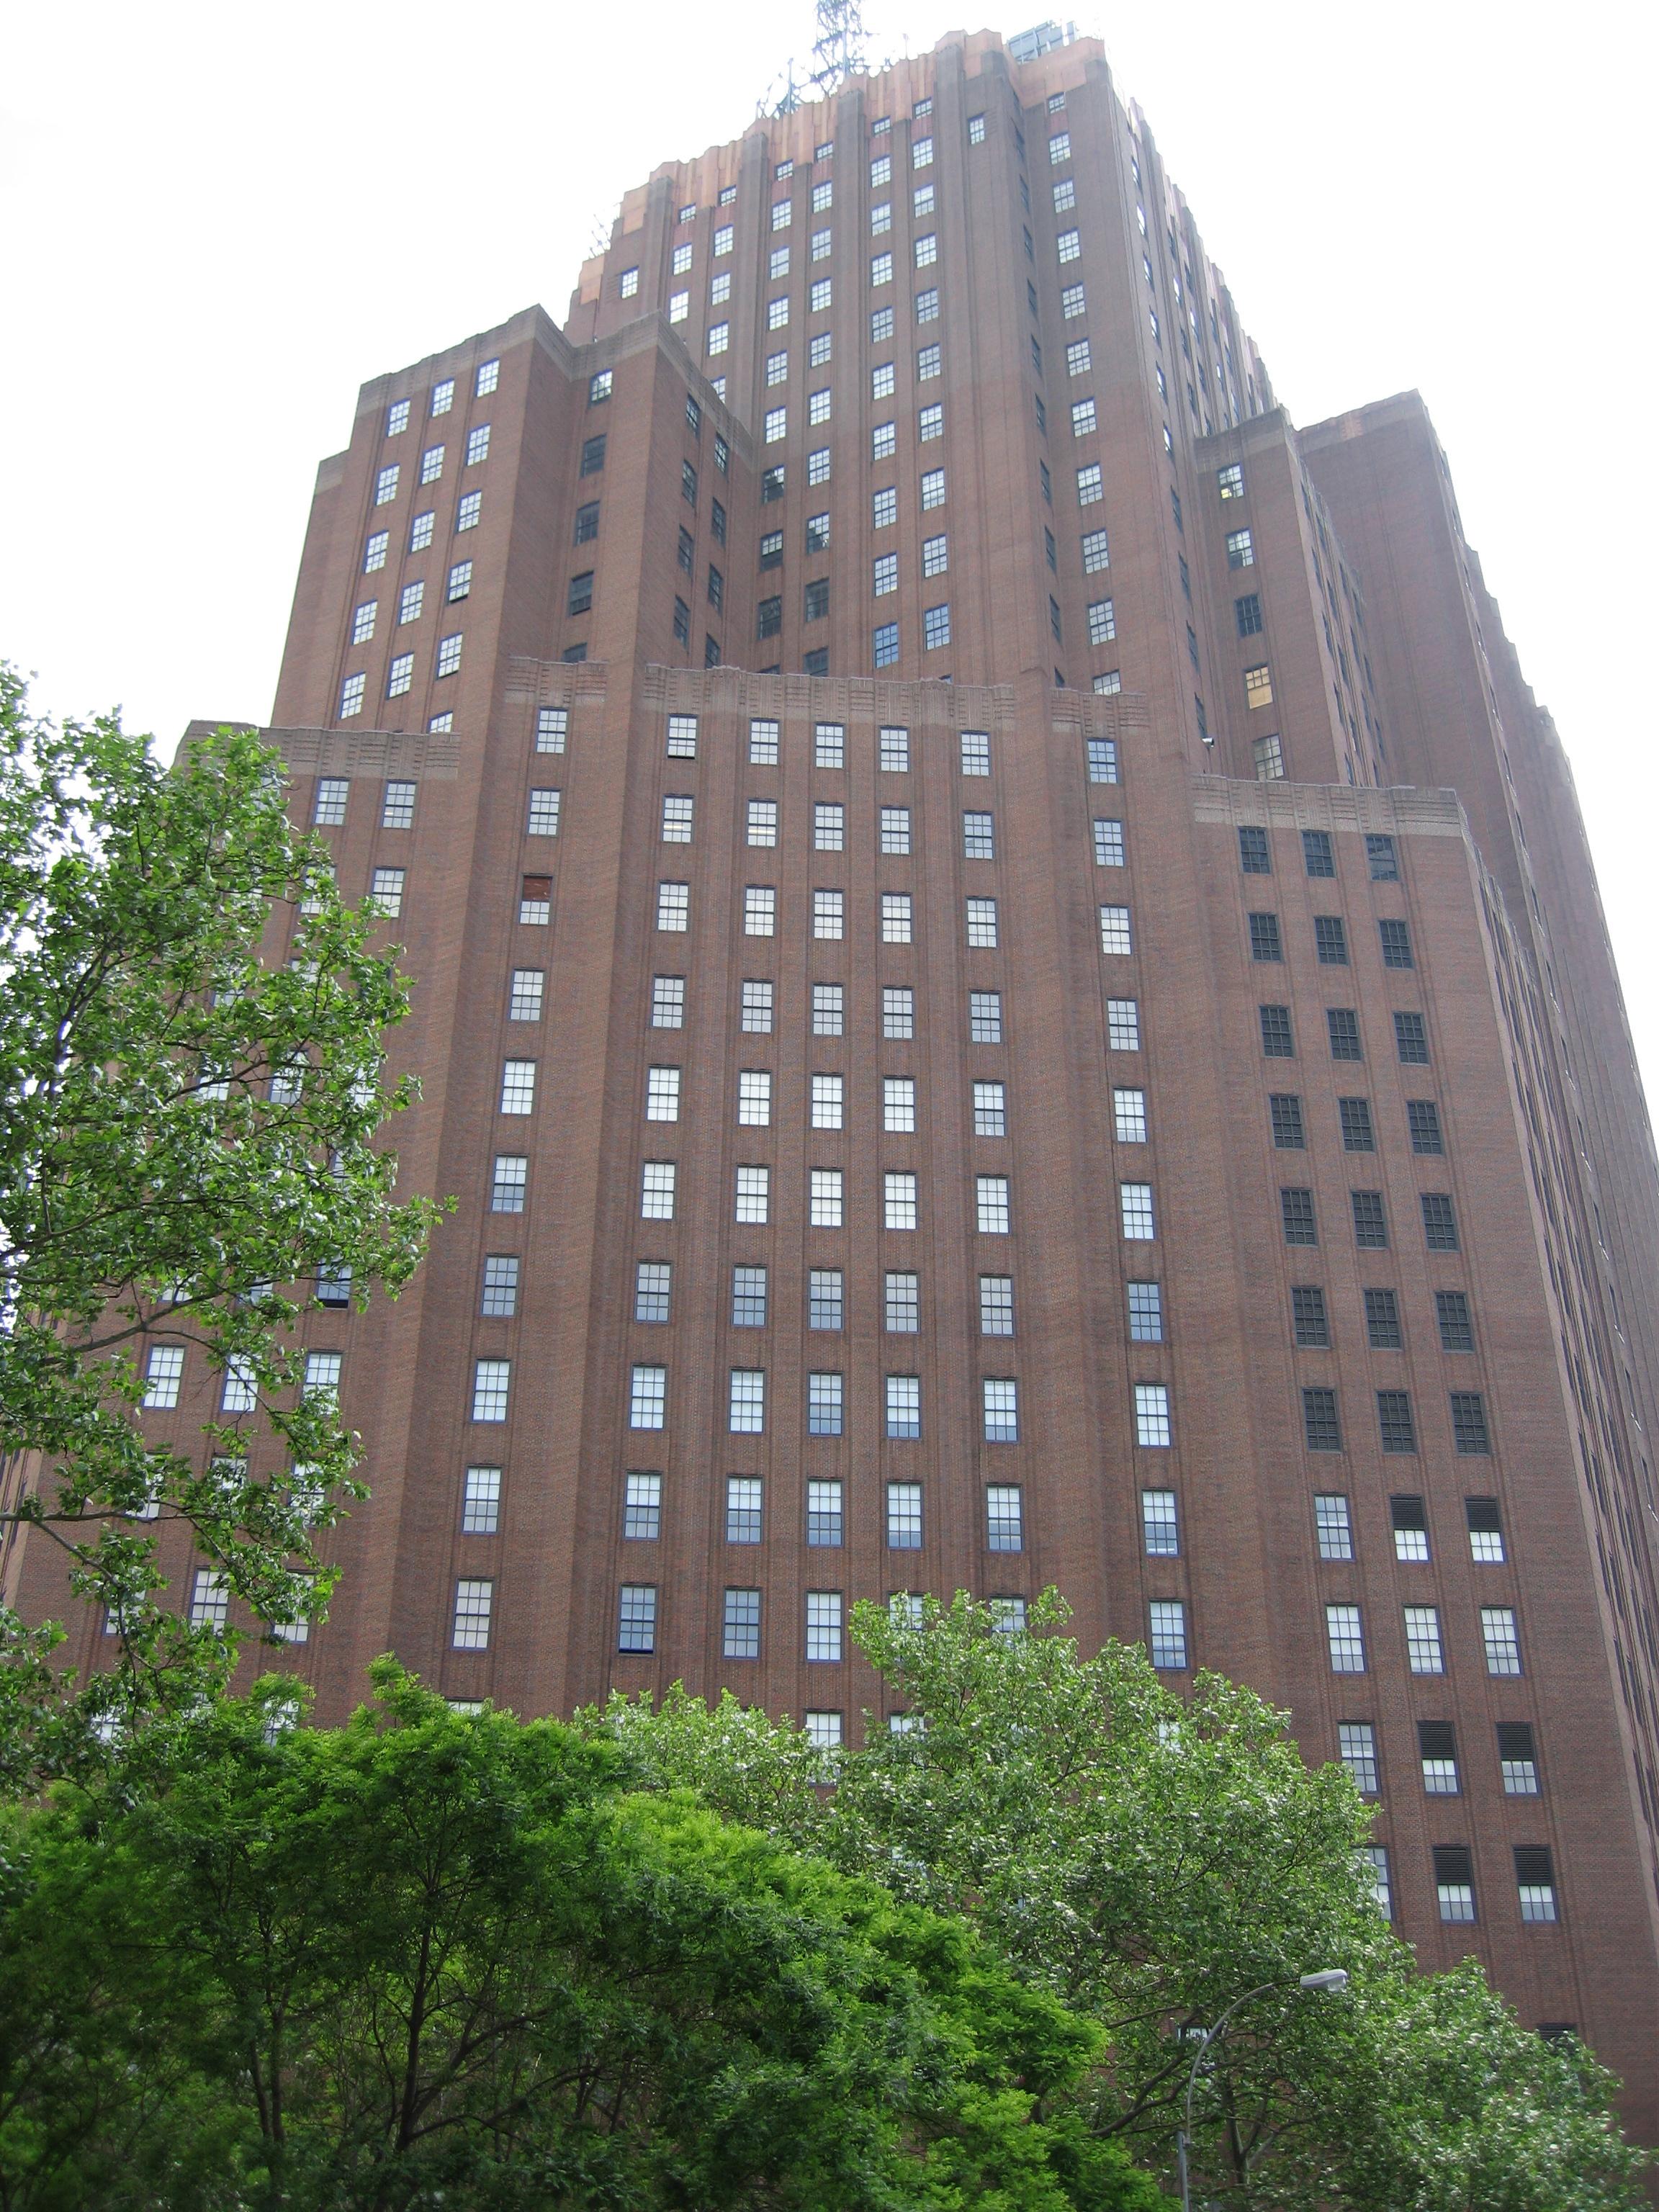 The ATT Building